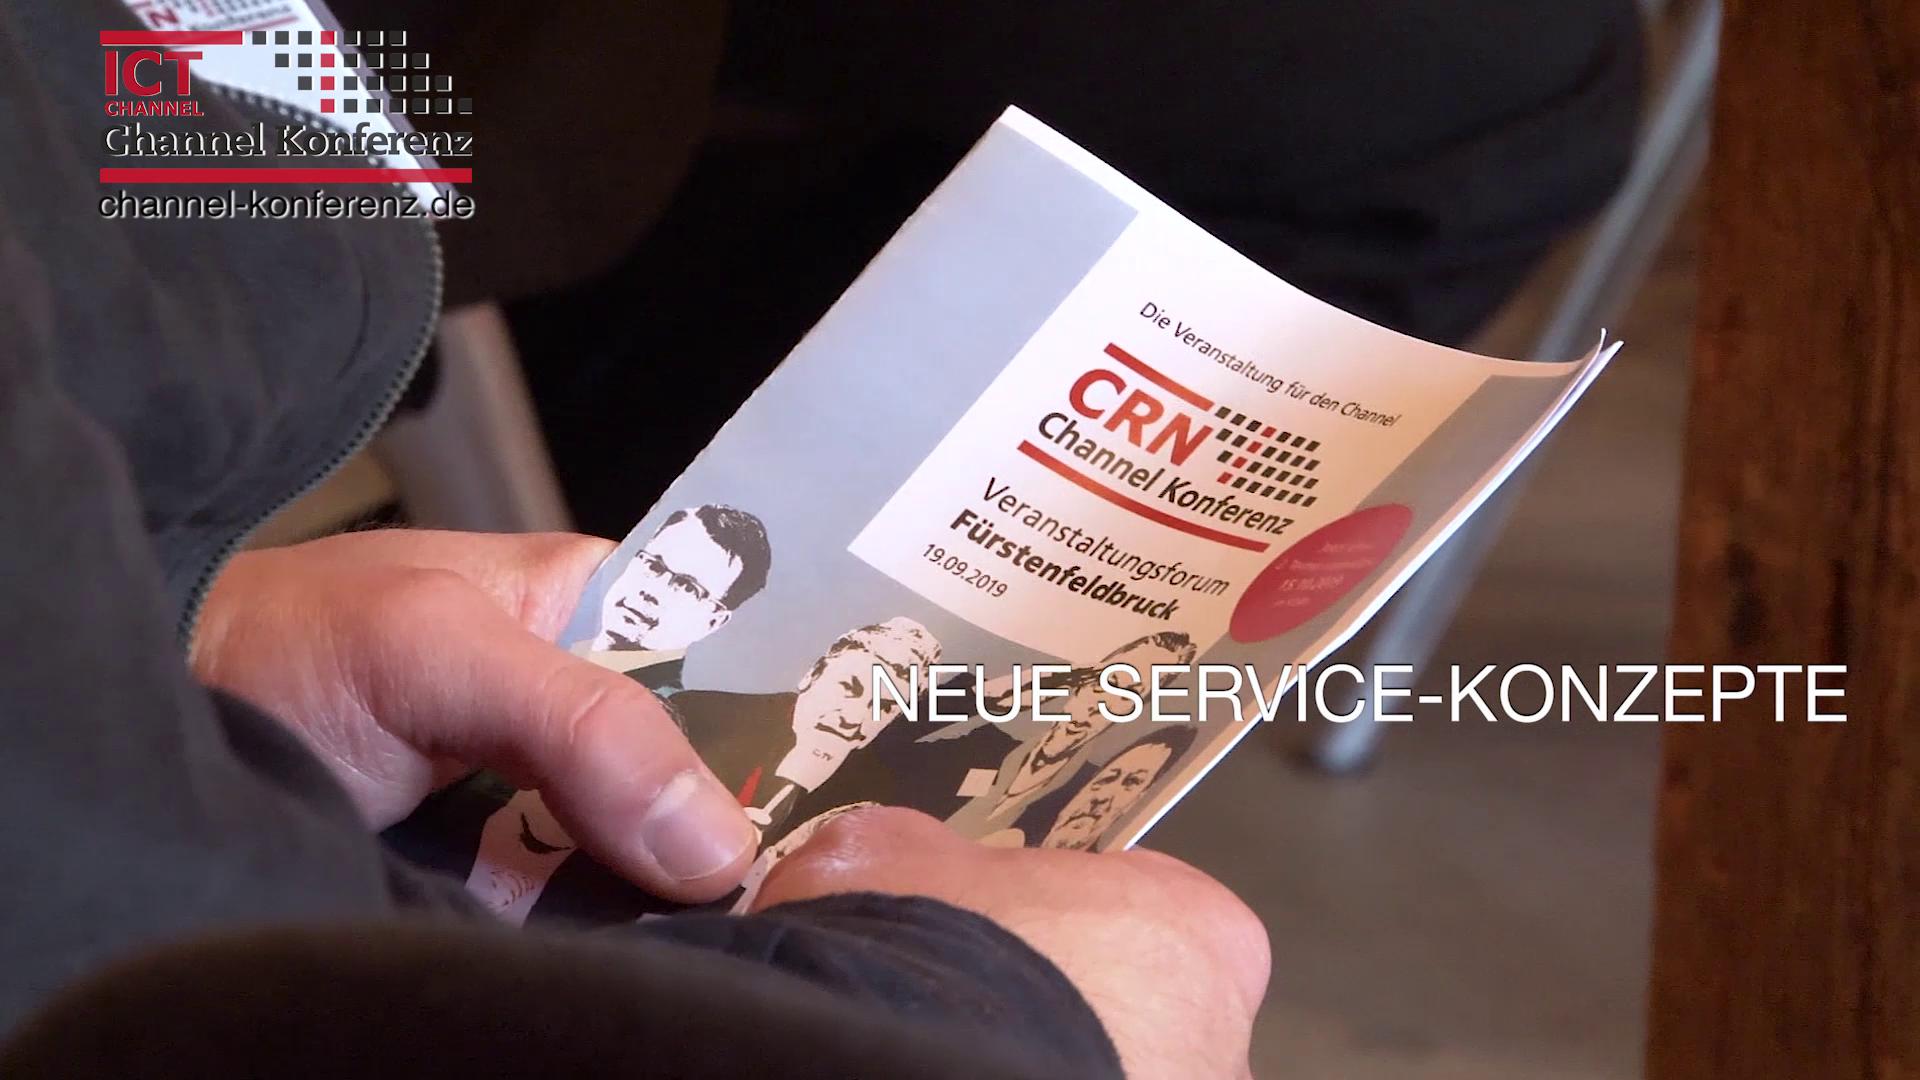 CRN Channel Konferenz 2019 in Fürstenfeldbruck